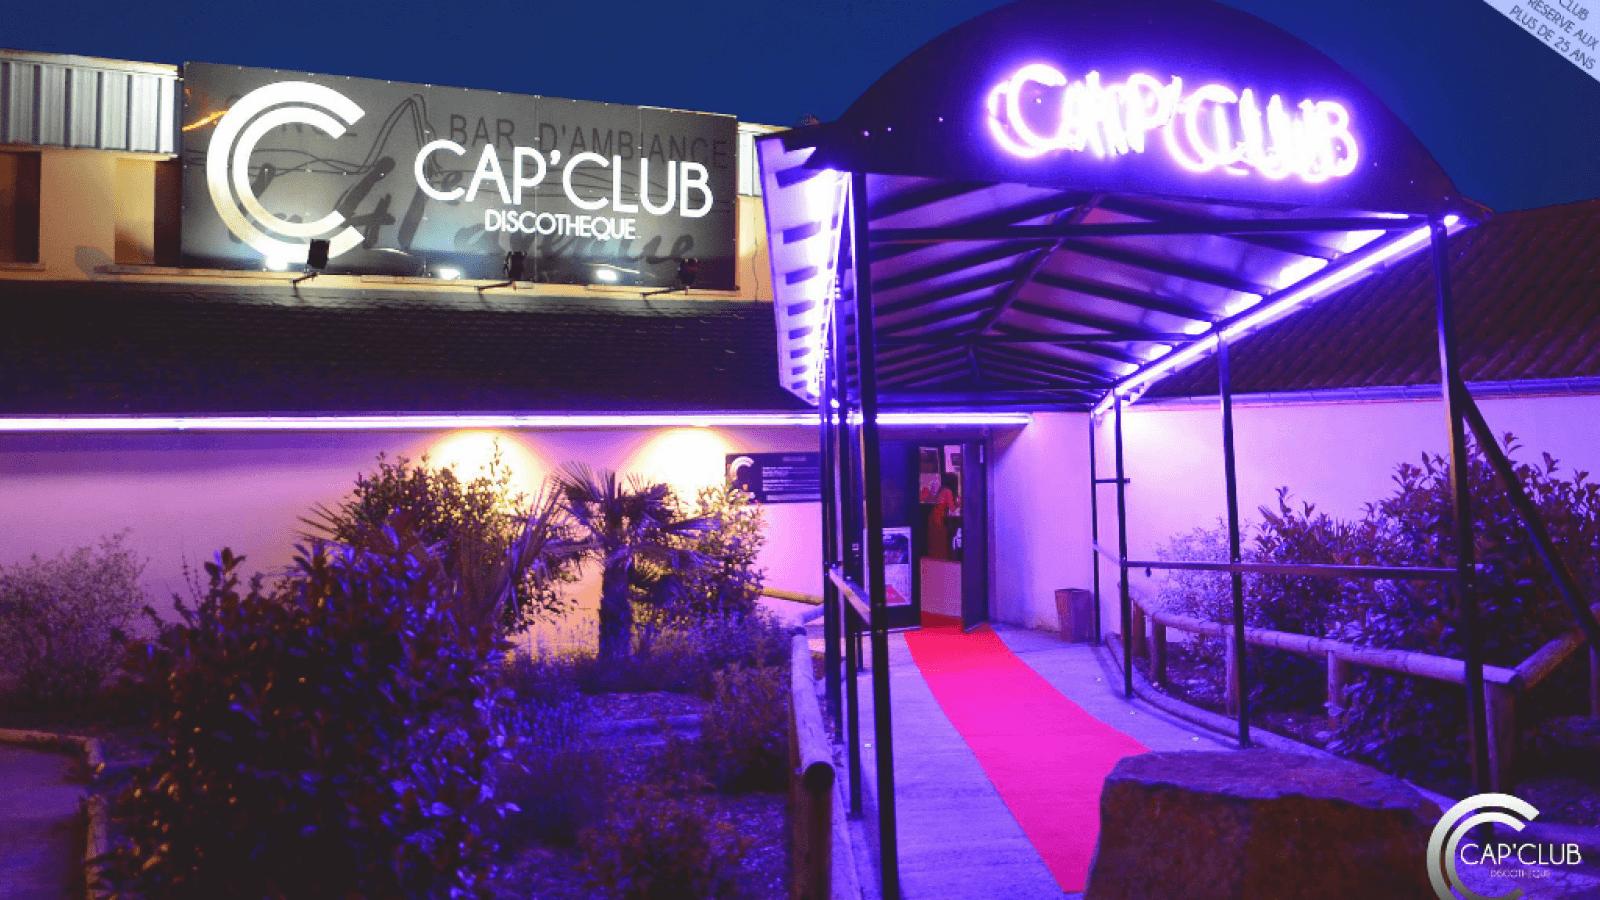 Cap Club Discothèque